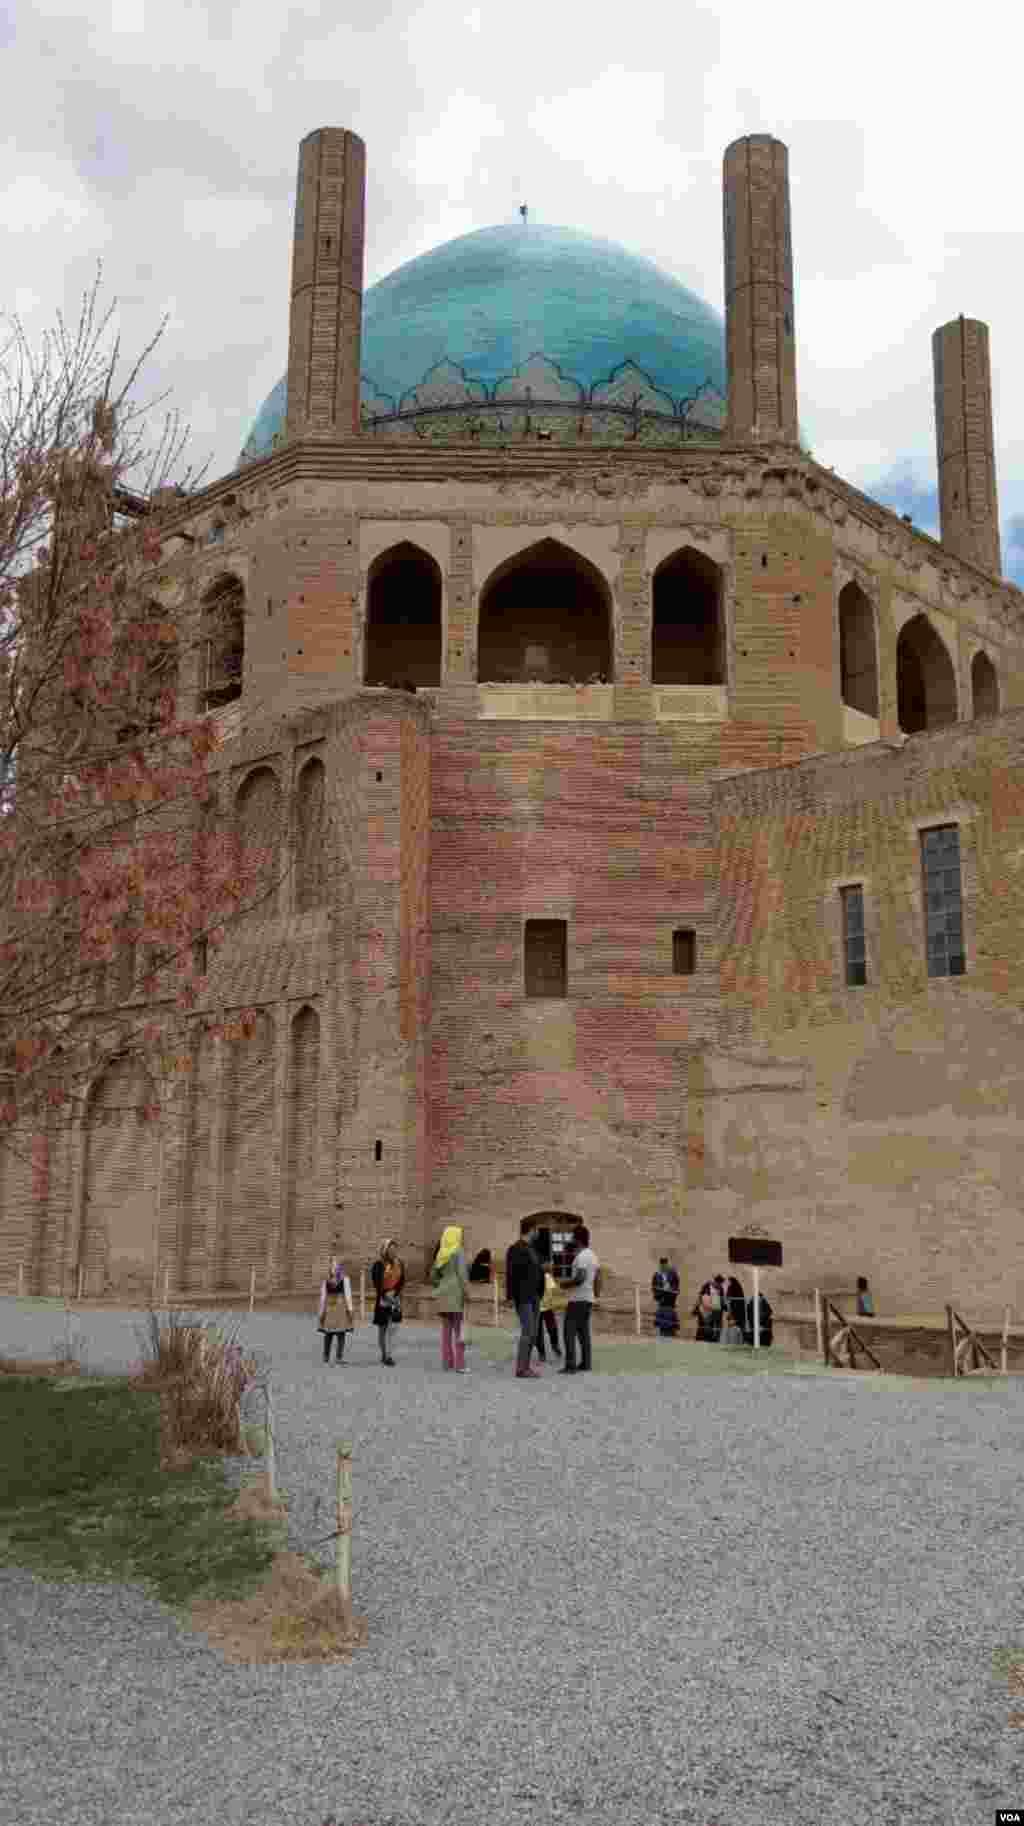 گنبد تاریخی سلطانیه در زنجان عکس: عباس (ارسالی از شما)